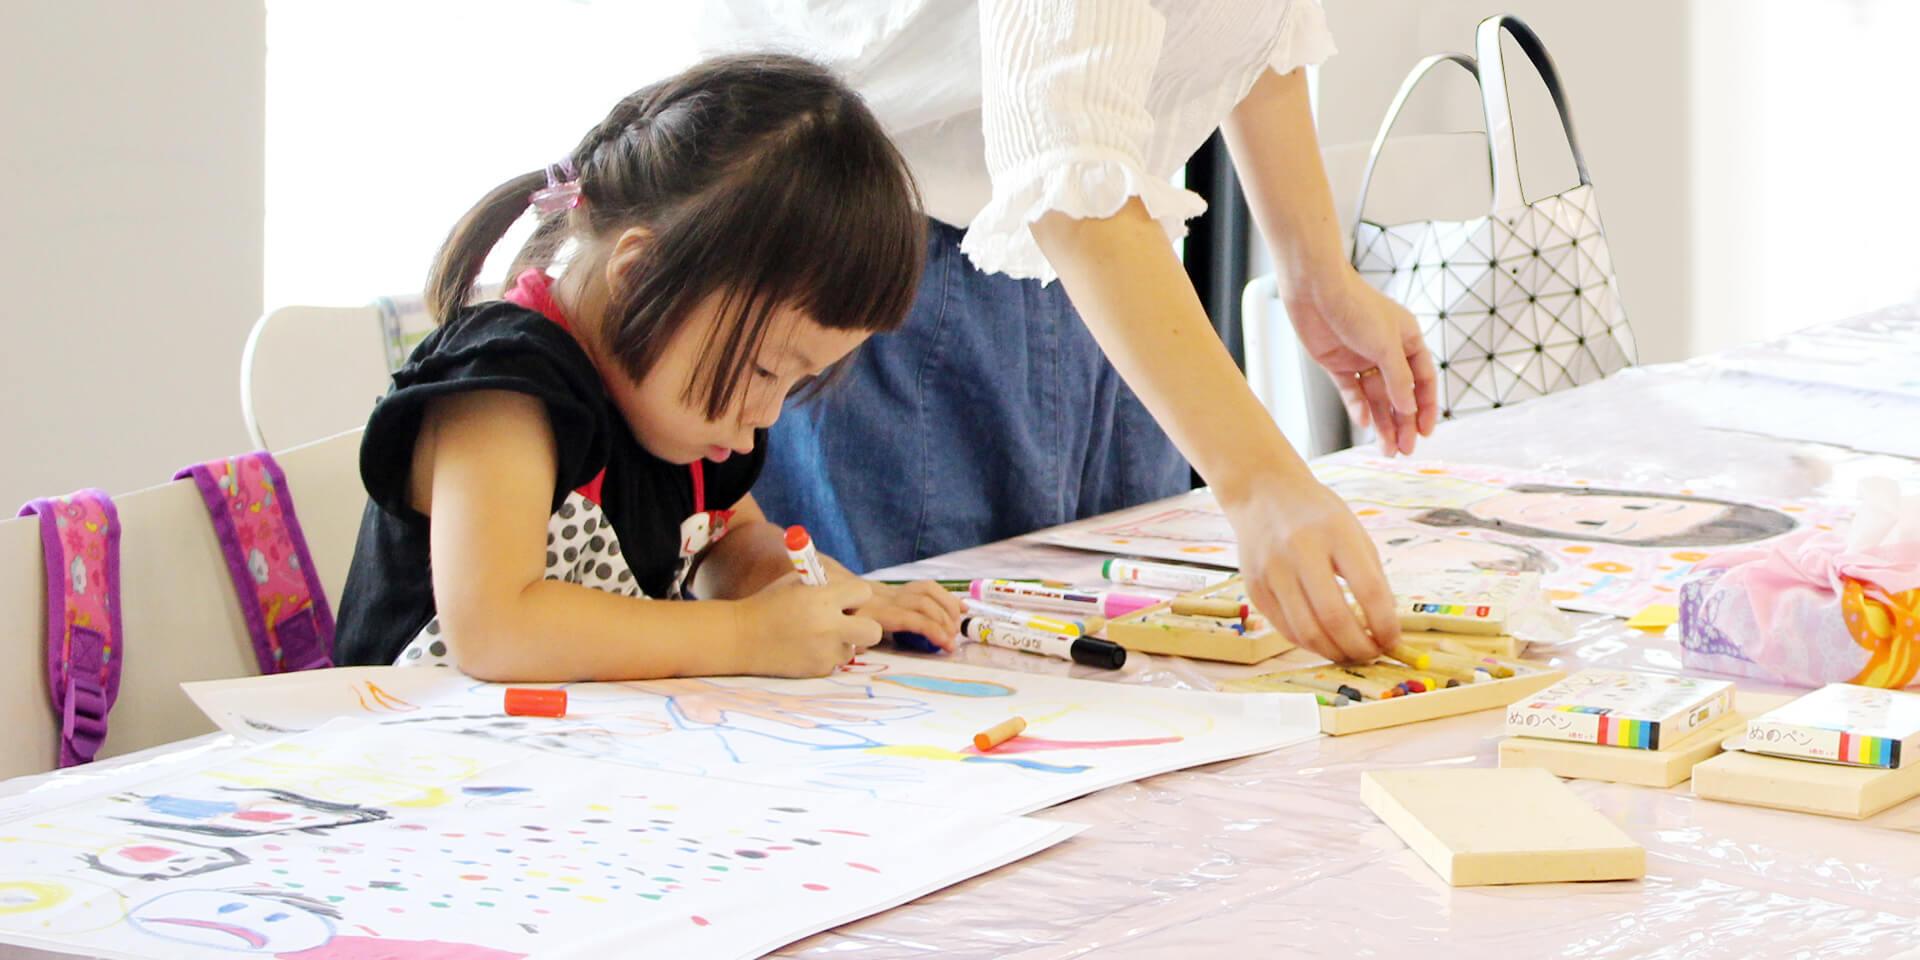 この写真は、なつやすみ 親子でたのしくハンカチーフに絵をかこうに参加し、製作している子供の様子